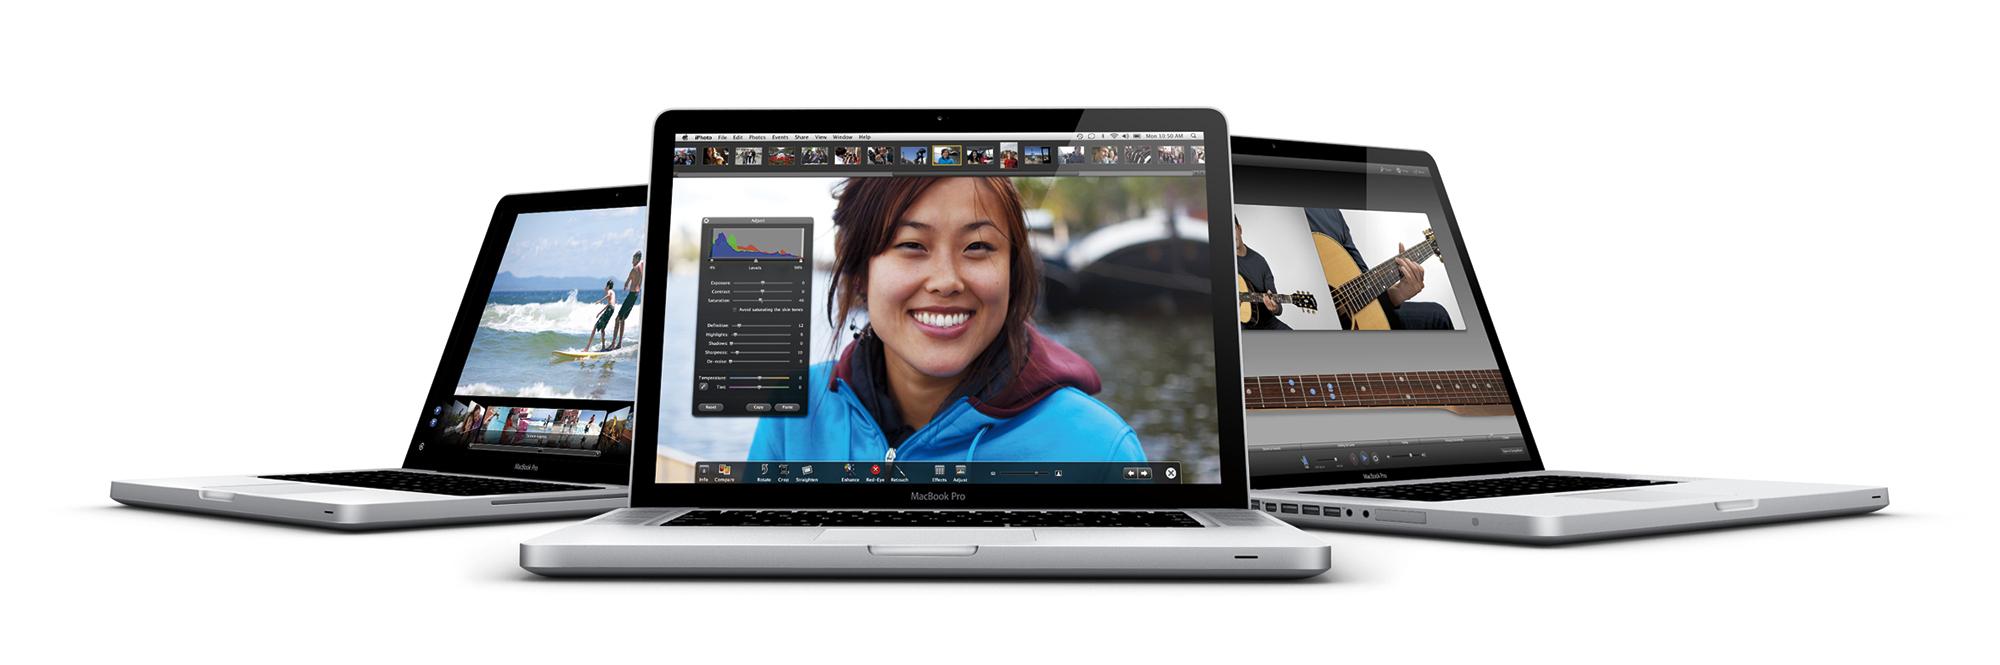 macbookprofam_201110